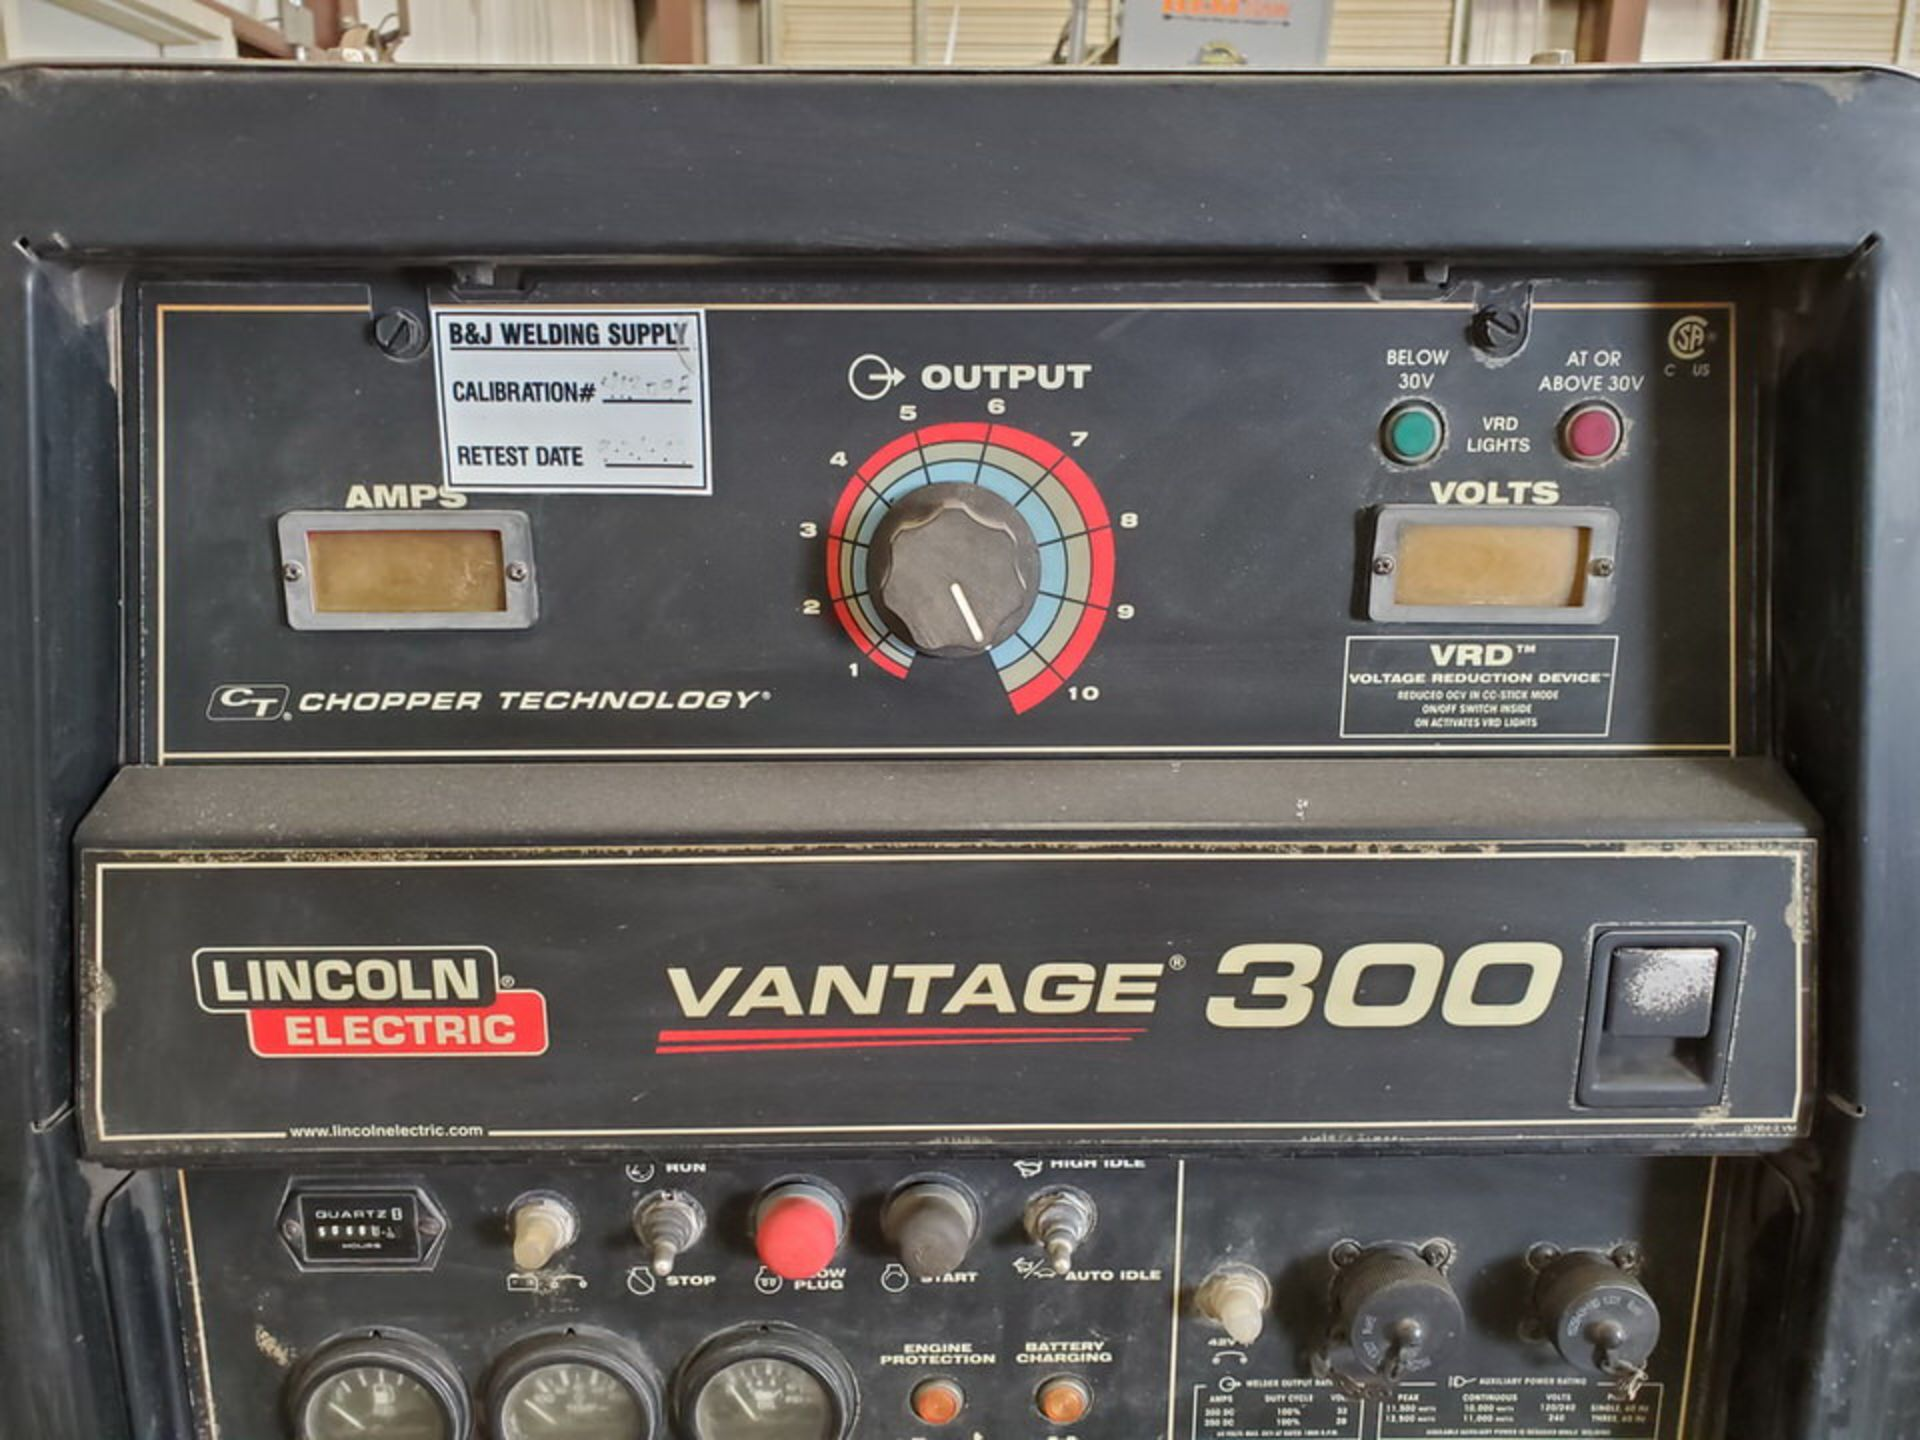 LE Ele Vantage 300 Multiprocessing Welder 120/240V, 60HZ, 300A, 1/3PH, 4,050.4HRS; 4 Cyl Kubota - Image 6 of 10